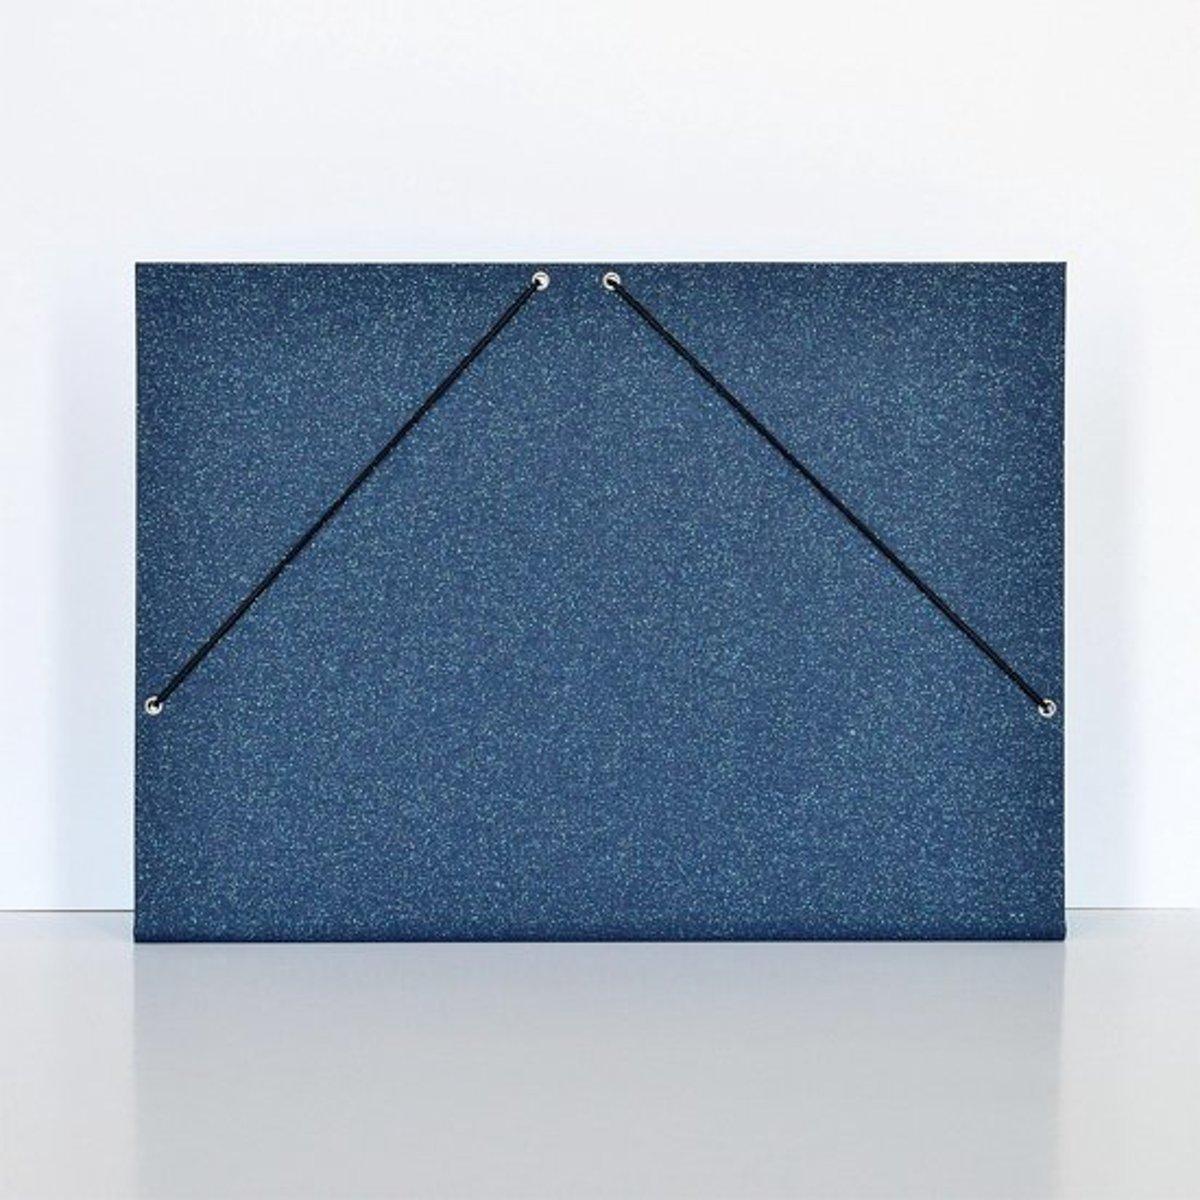 Tekenmap 50 x 70cm – Magic Blauw kopen